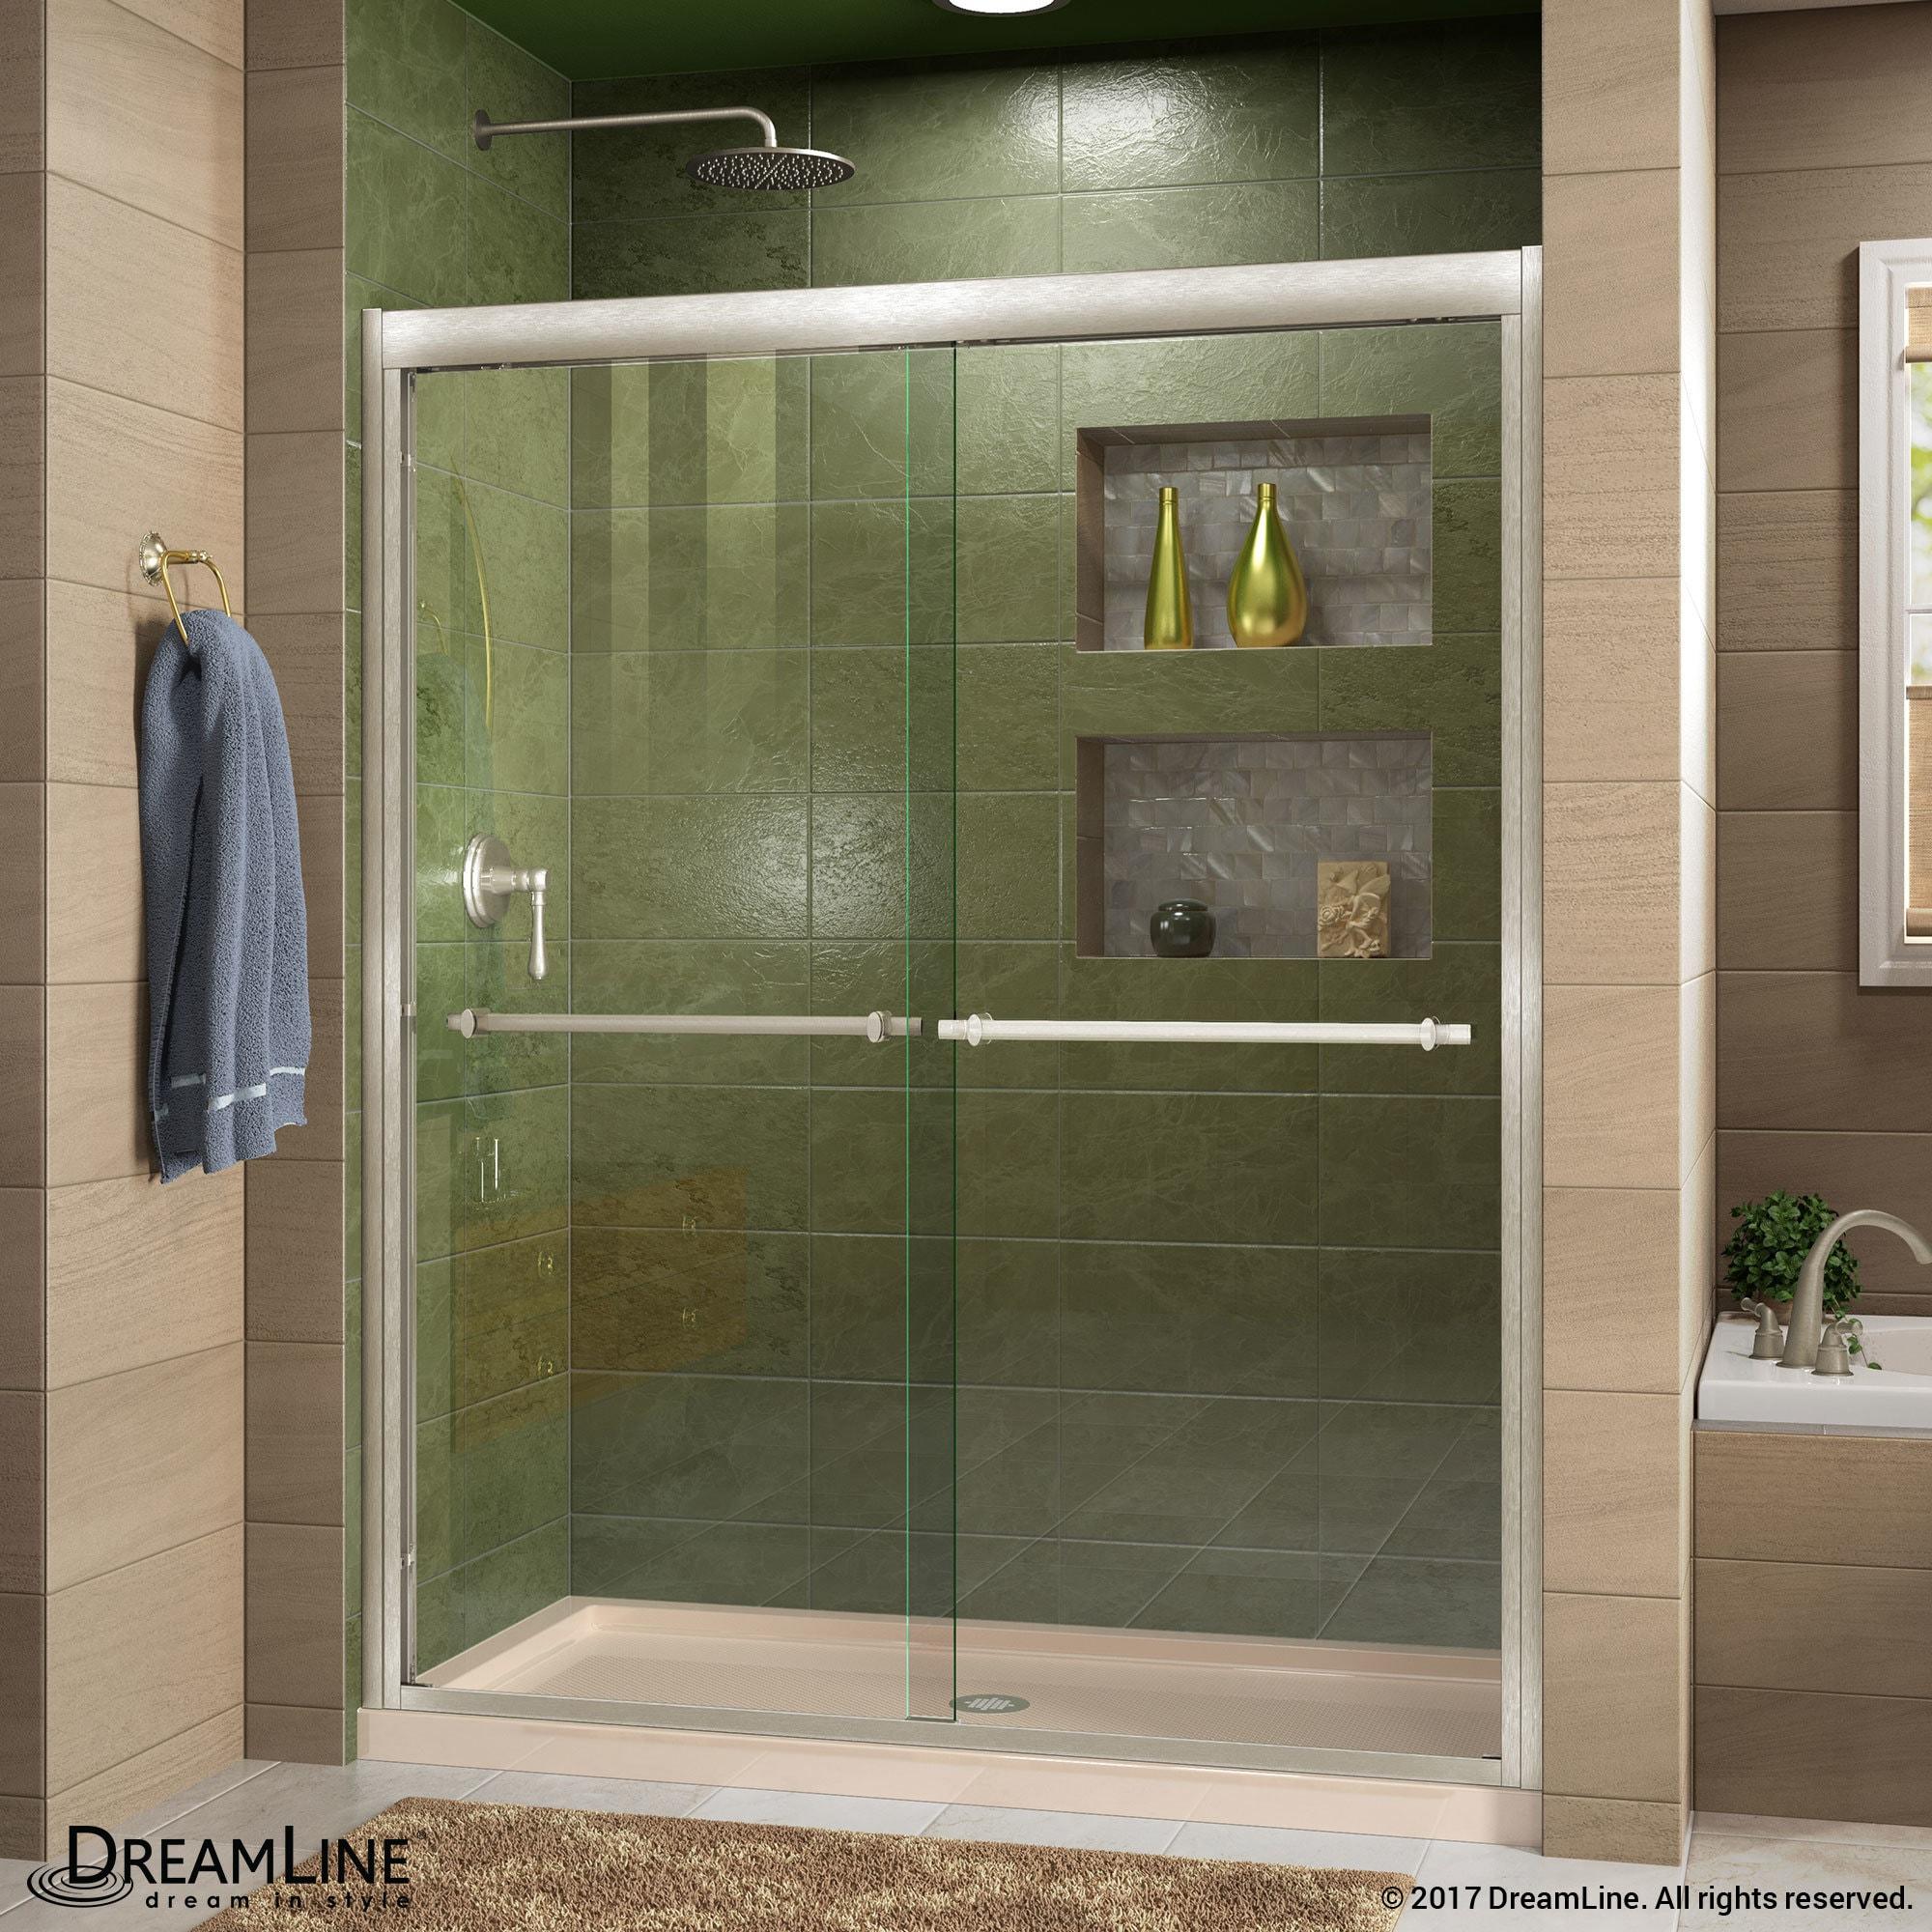 DreamLine Duet 44 to 48 in. Frameless Bypass Sliding Shower Door ...